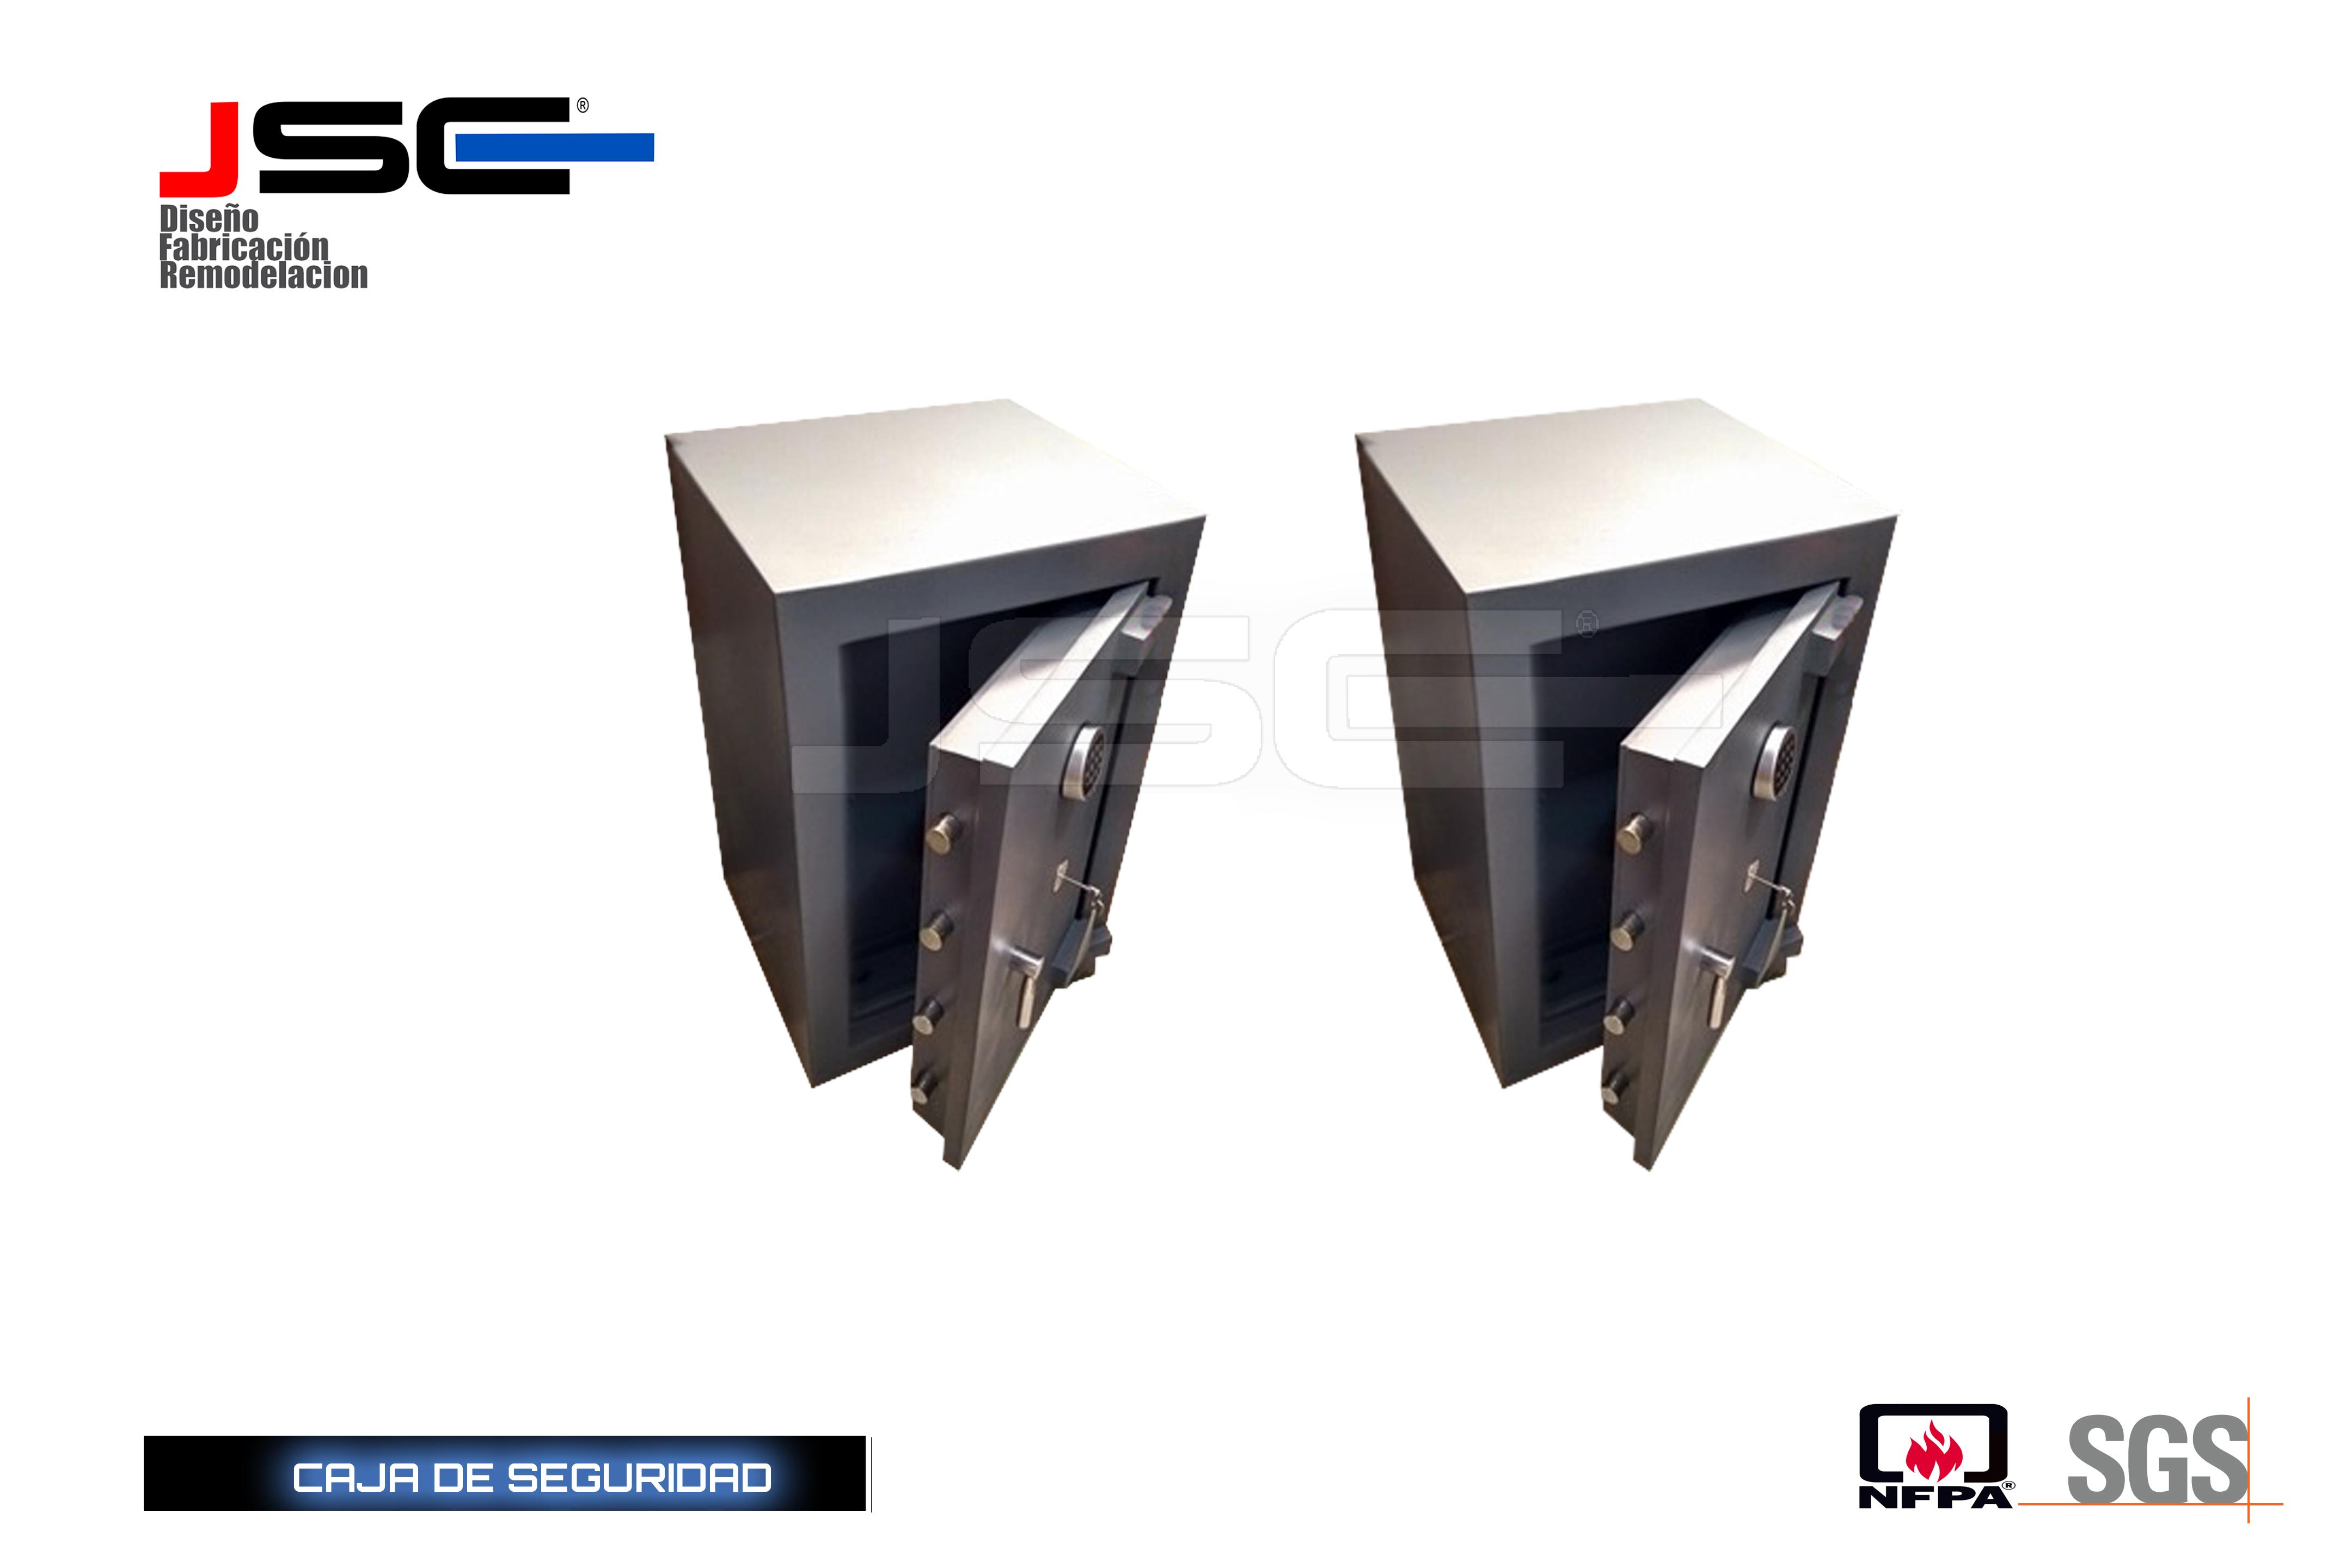 Caja de piso JSCP017